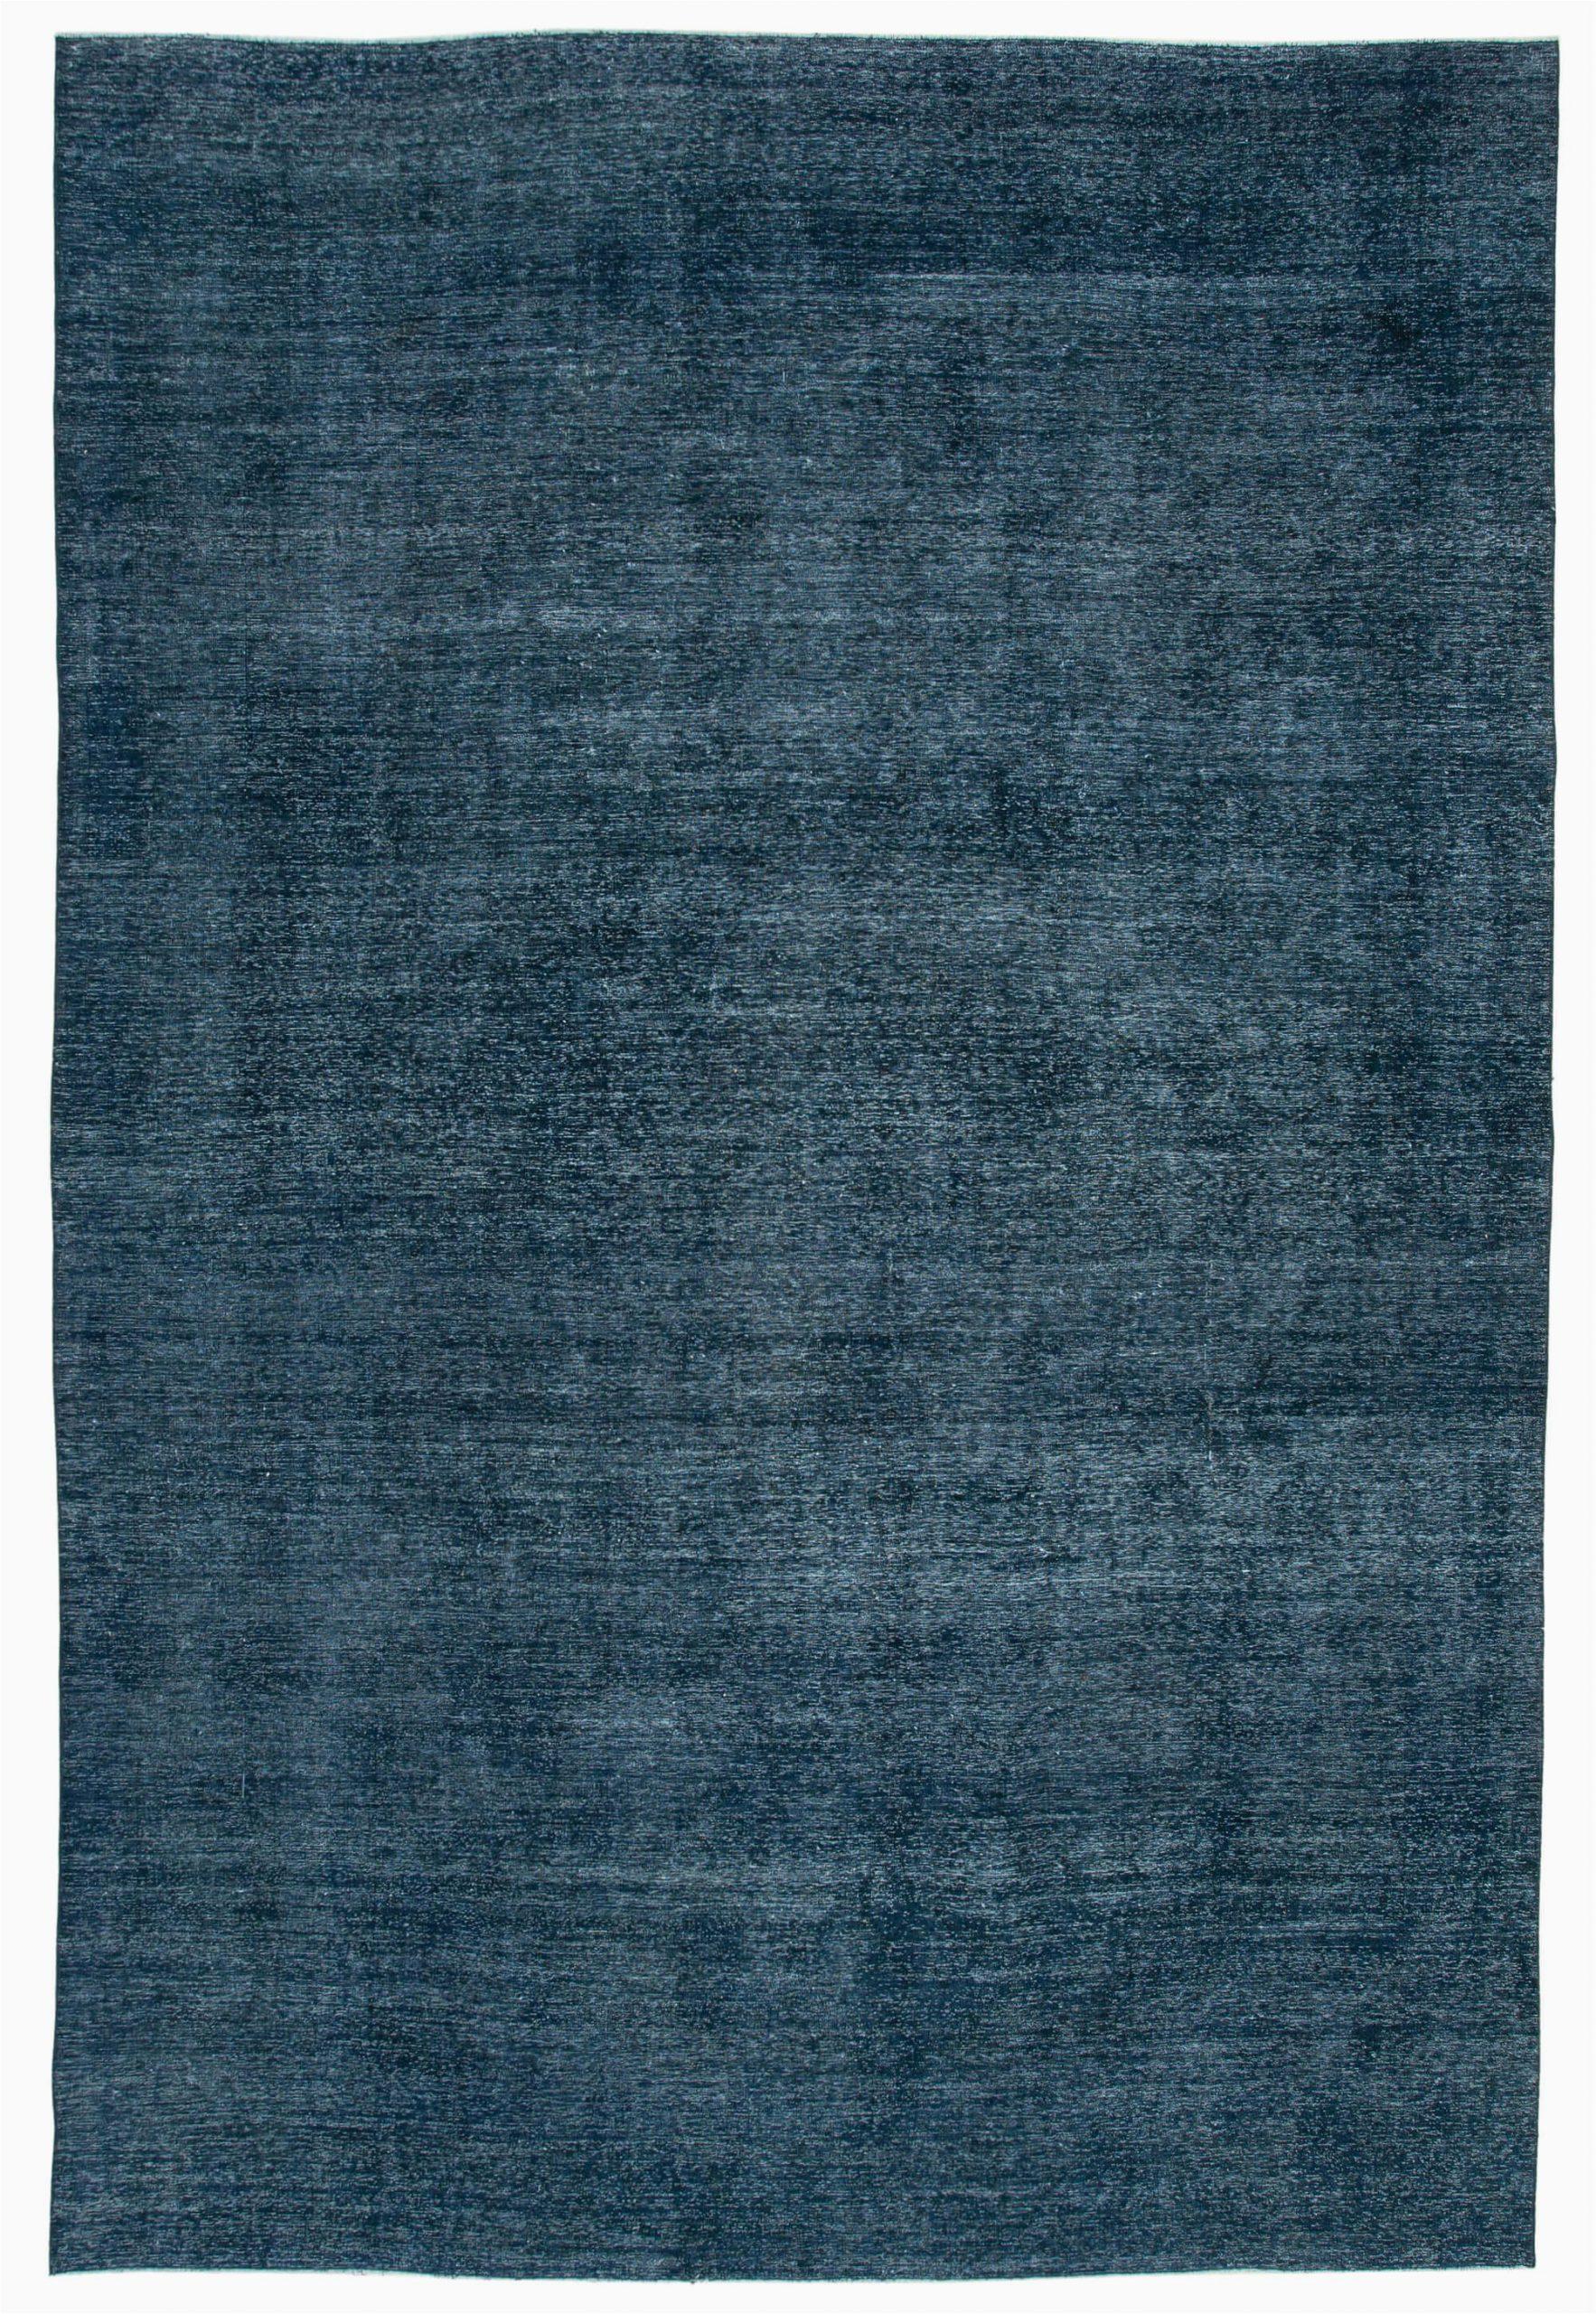 8x13 blue overdyed large area rug 2291